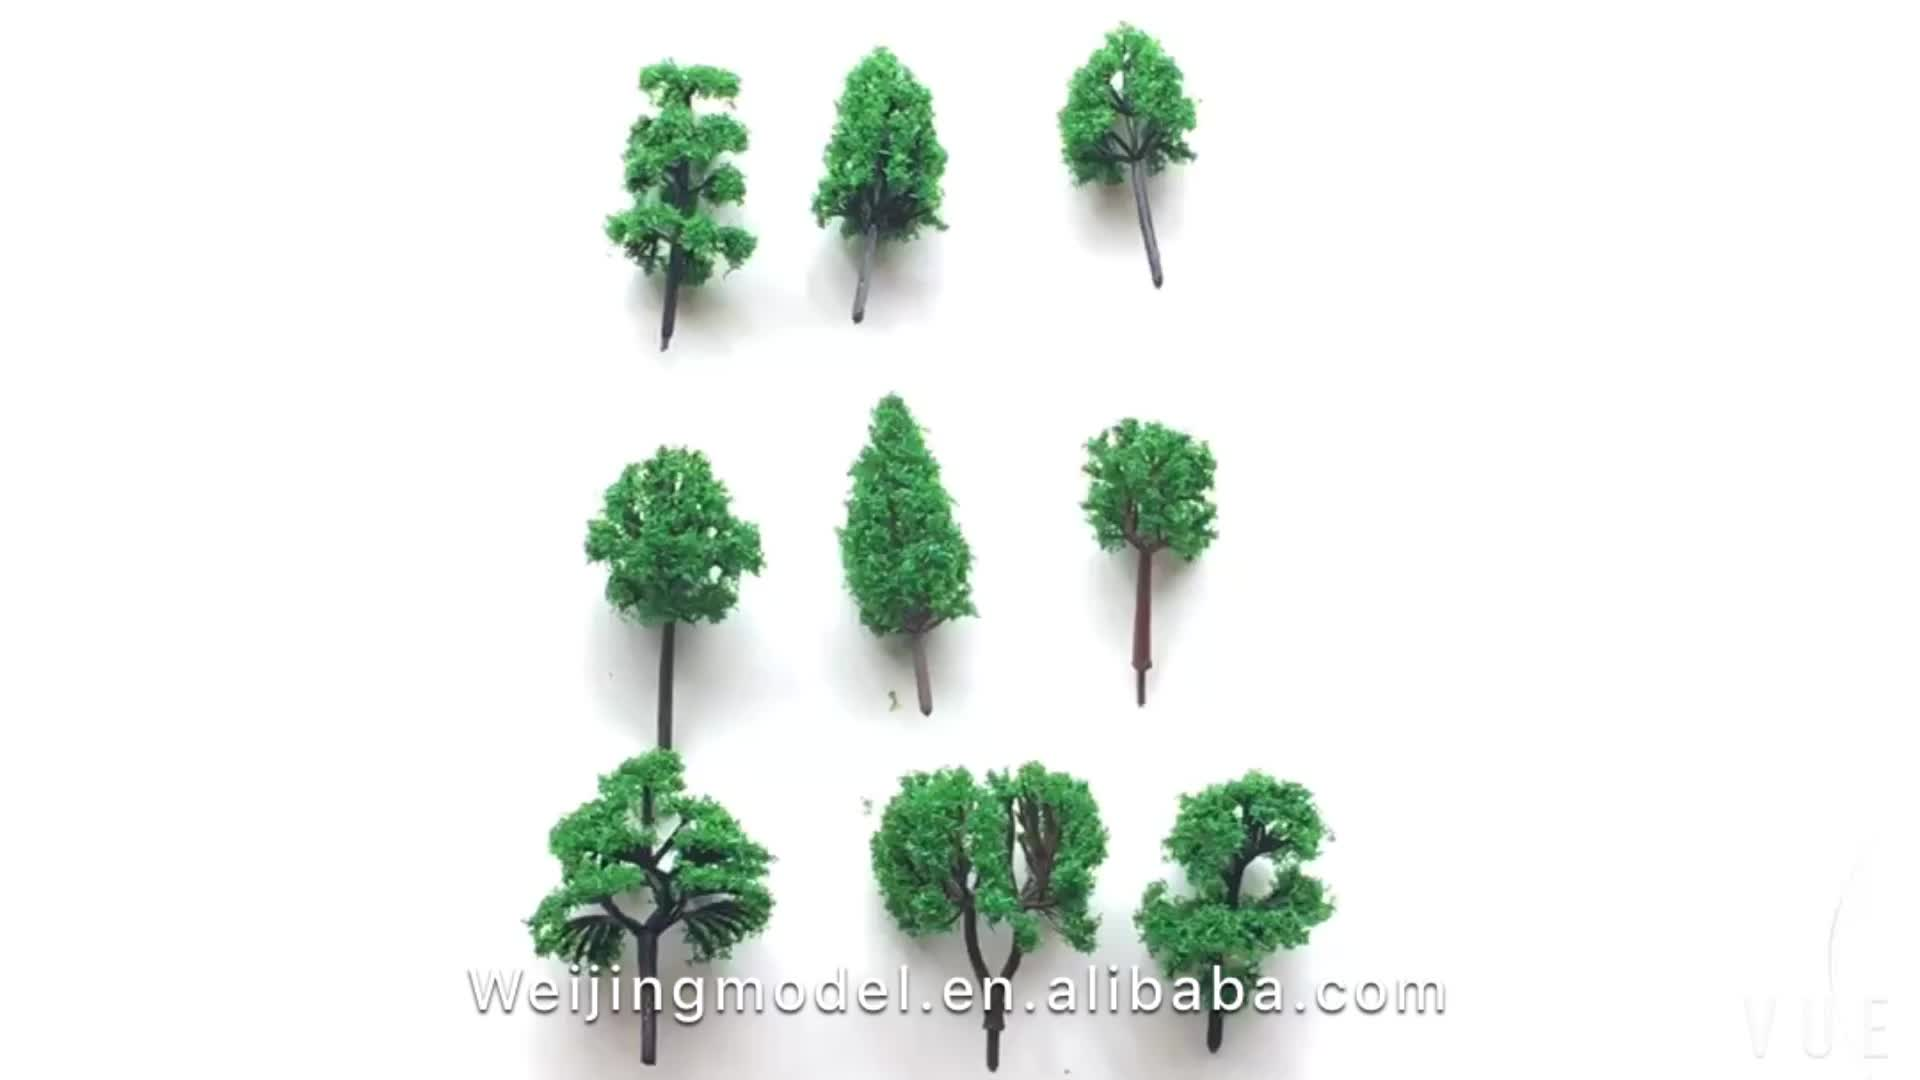 500 шт./лот архитектура N Z 1:1000 Масштаб Модель Миниатюрные зеленые деревья в 3,5 см Для ho поезд макет